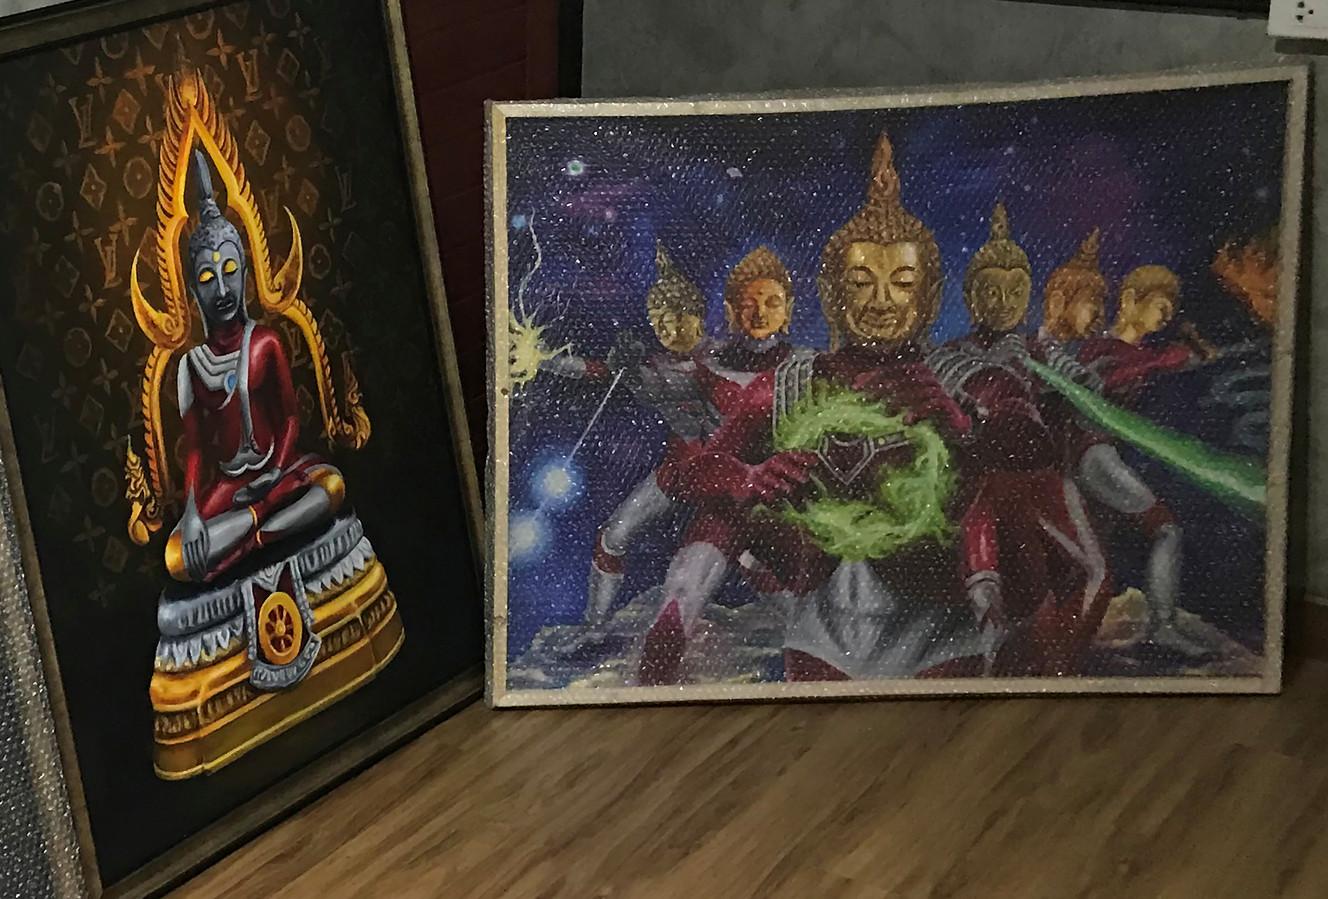 De schilderijen van Boeddha als Japanse superheld gaan sommige gelovigen te ver